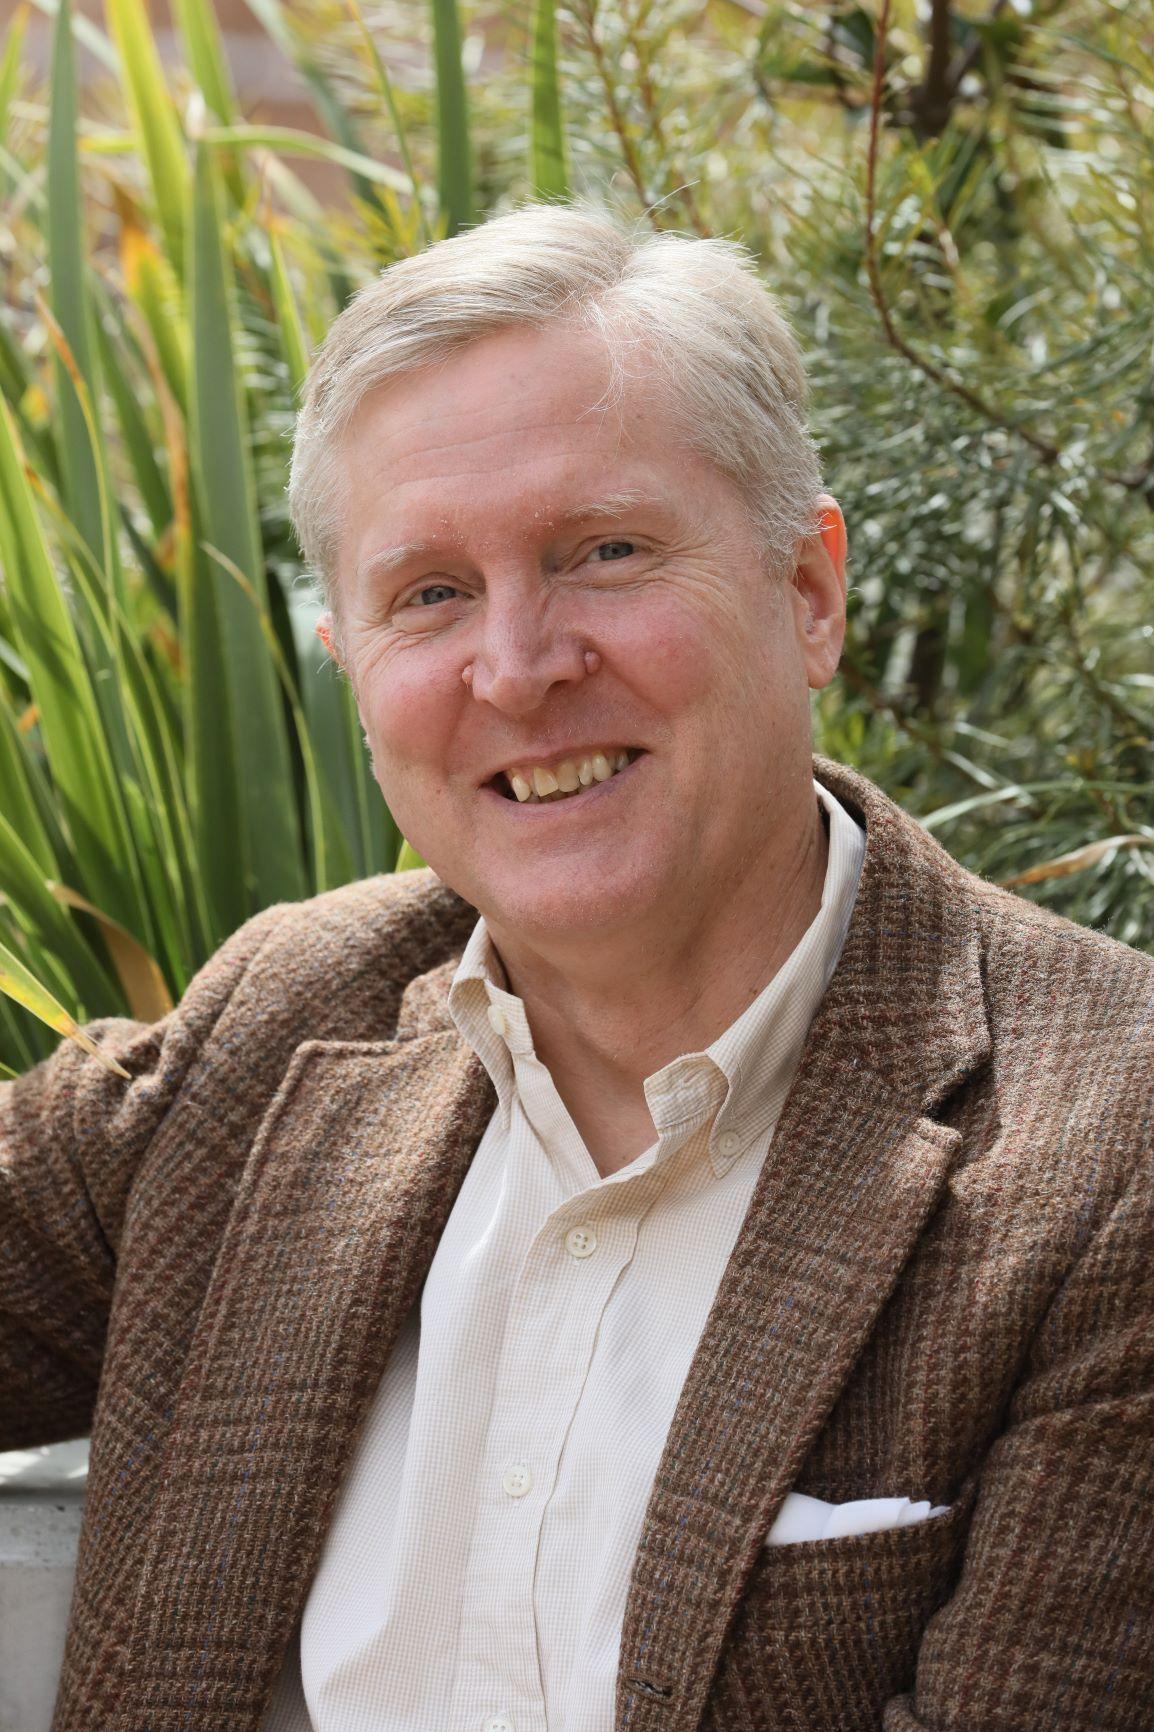 Philip Kern